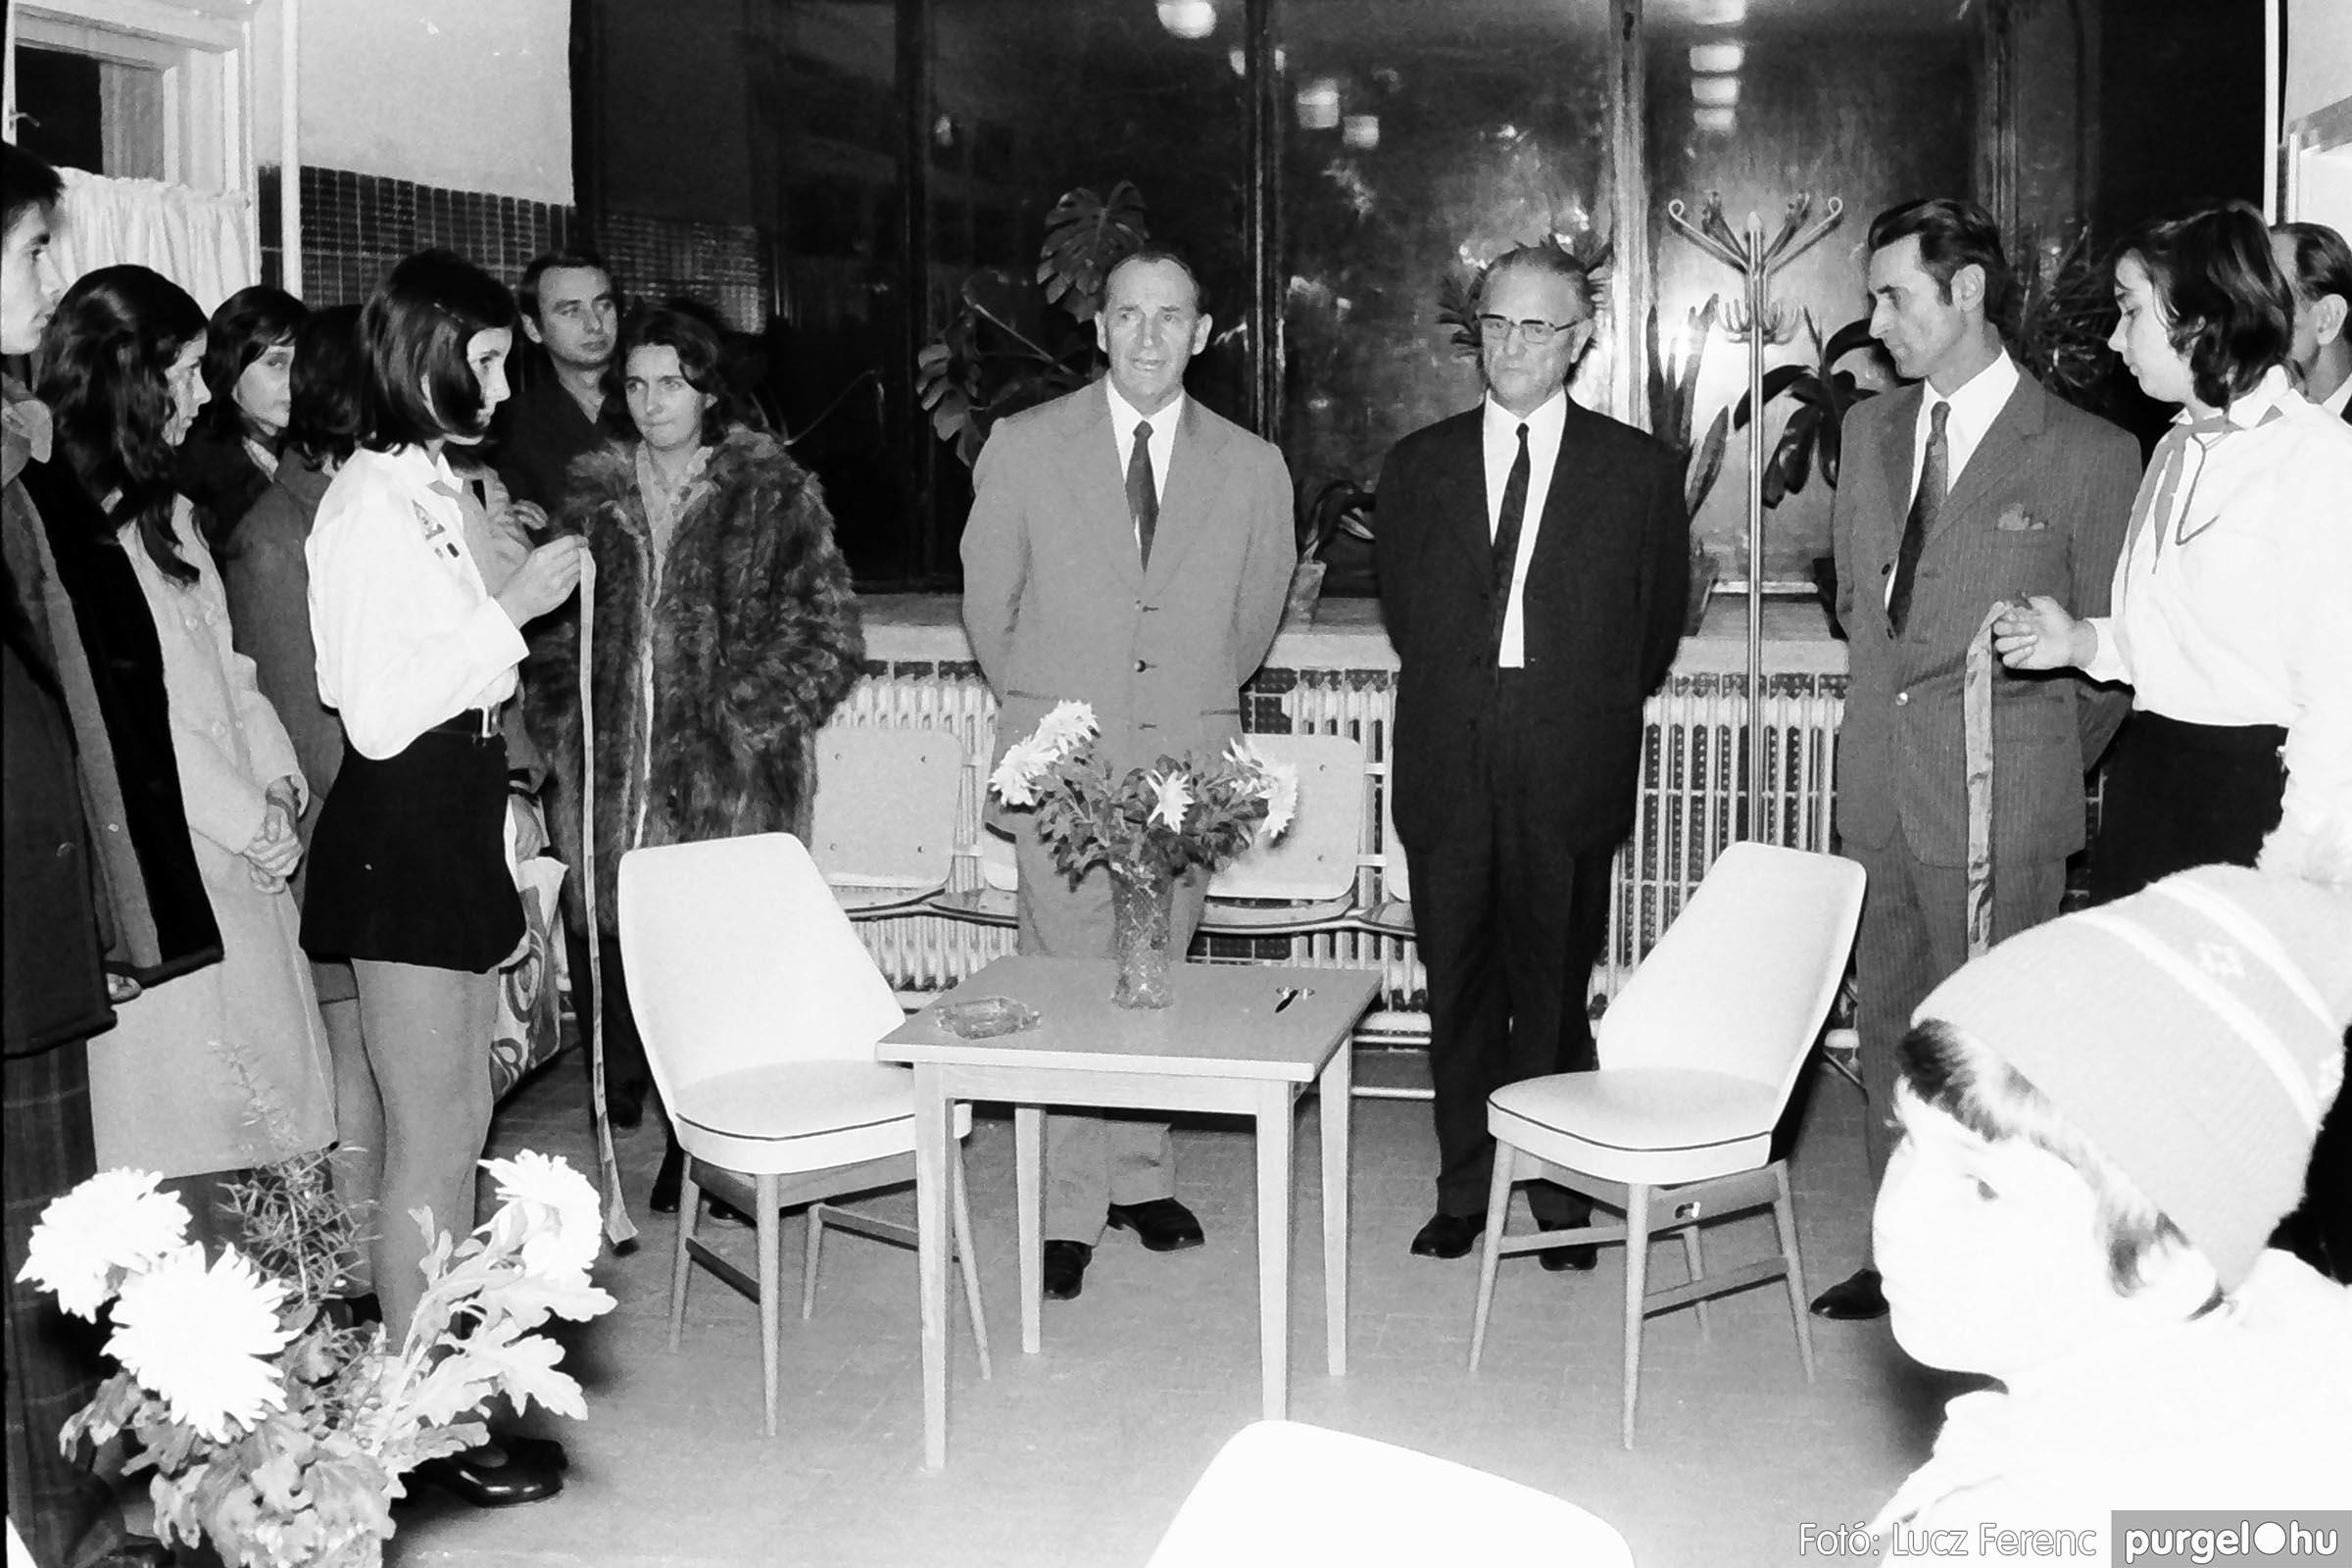 002 1970-es évek - Orvosi rendelő épületének átadása 015 - Fotó: Lucz Ferenc - IMG01113q.jpg